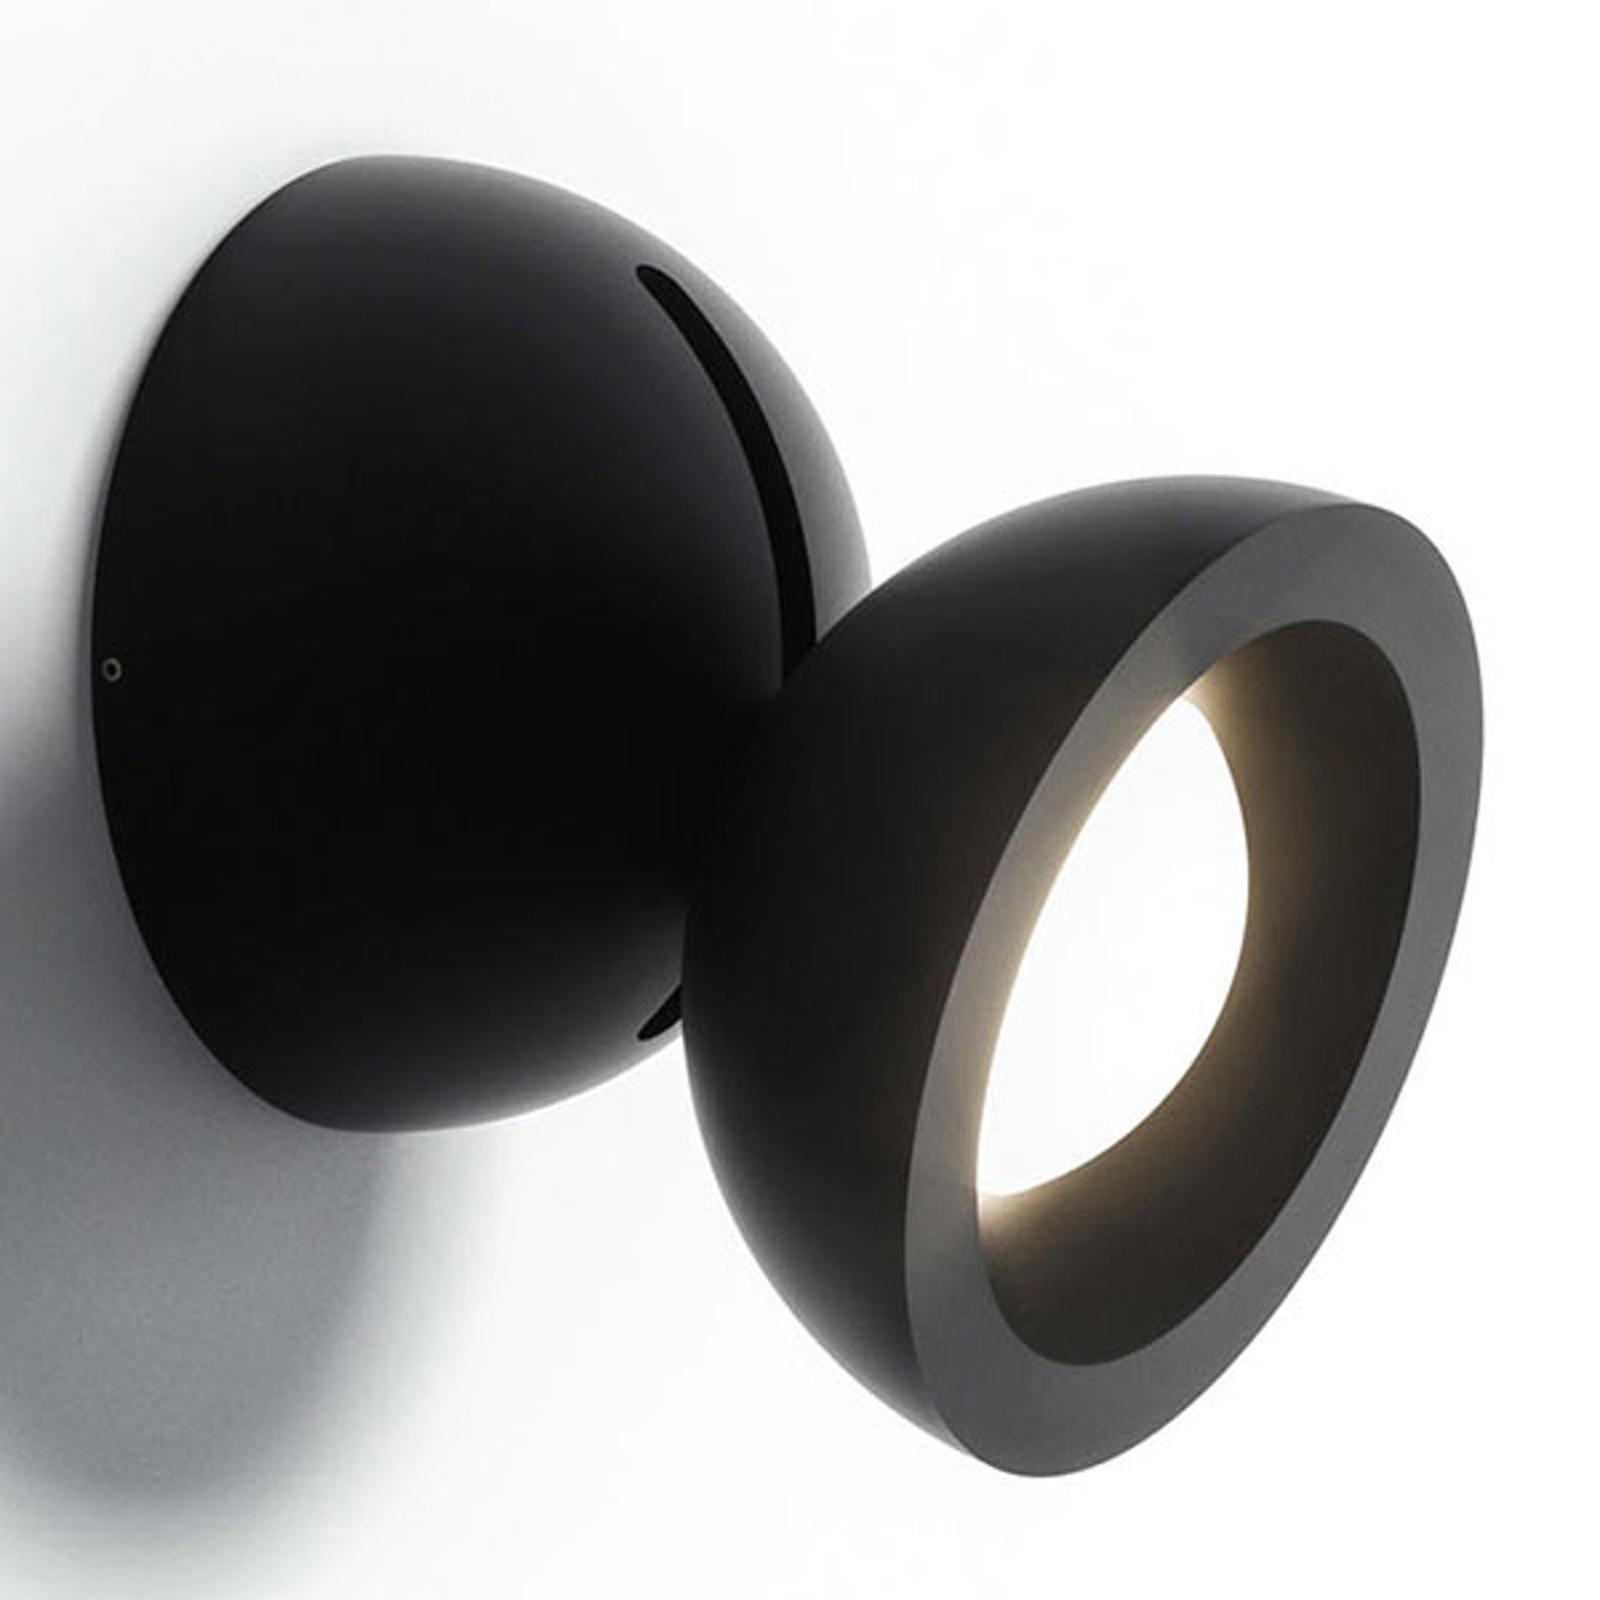 Axolight DoDot LED-Wandleuchte, schwarz 35°